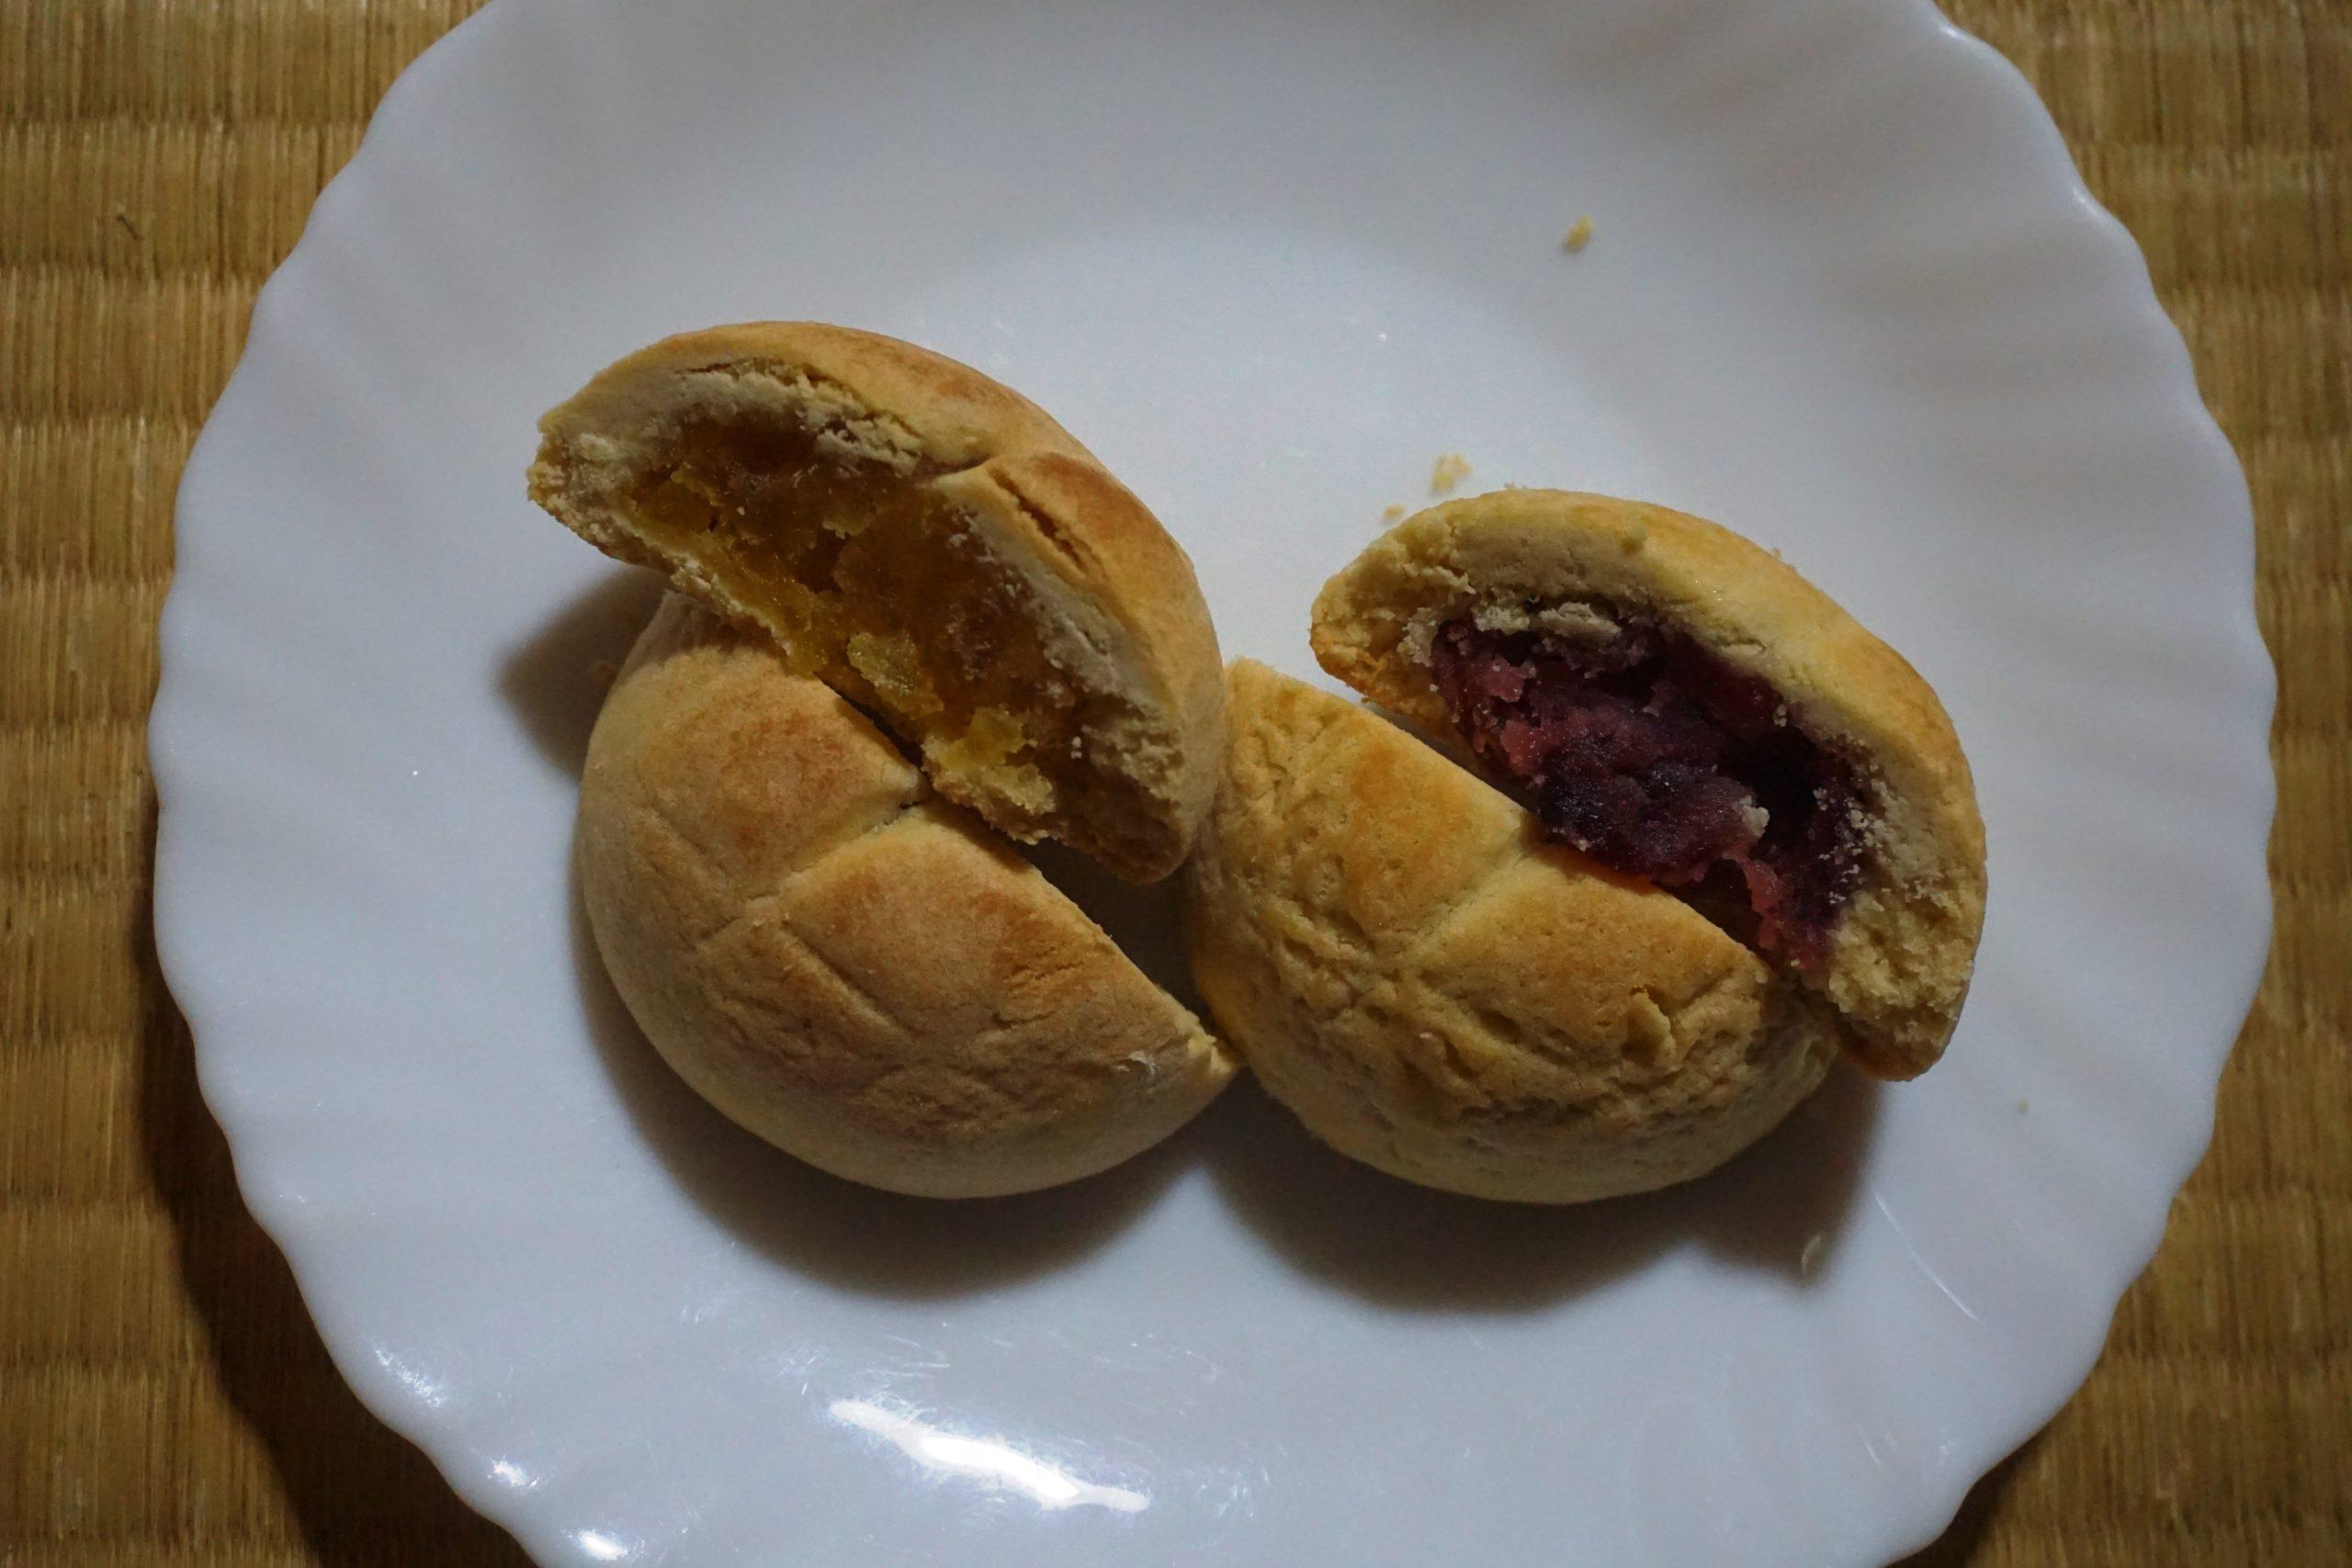 「あわしま堂」の新商品!「ベイクドパイナップル」&「ベイクドクランベリー」を食べてみました!